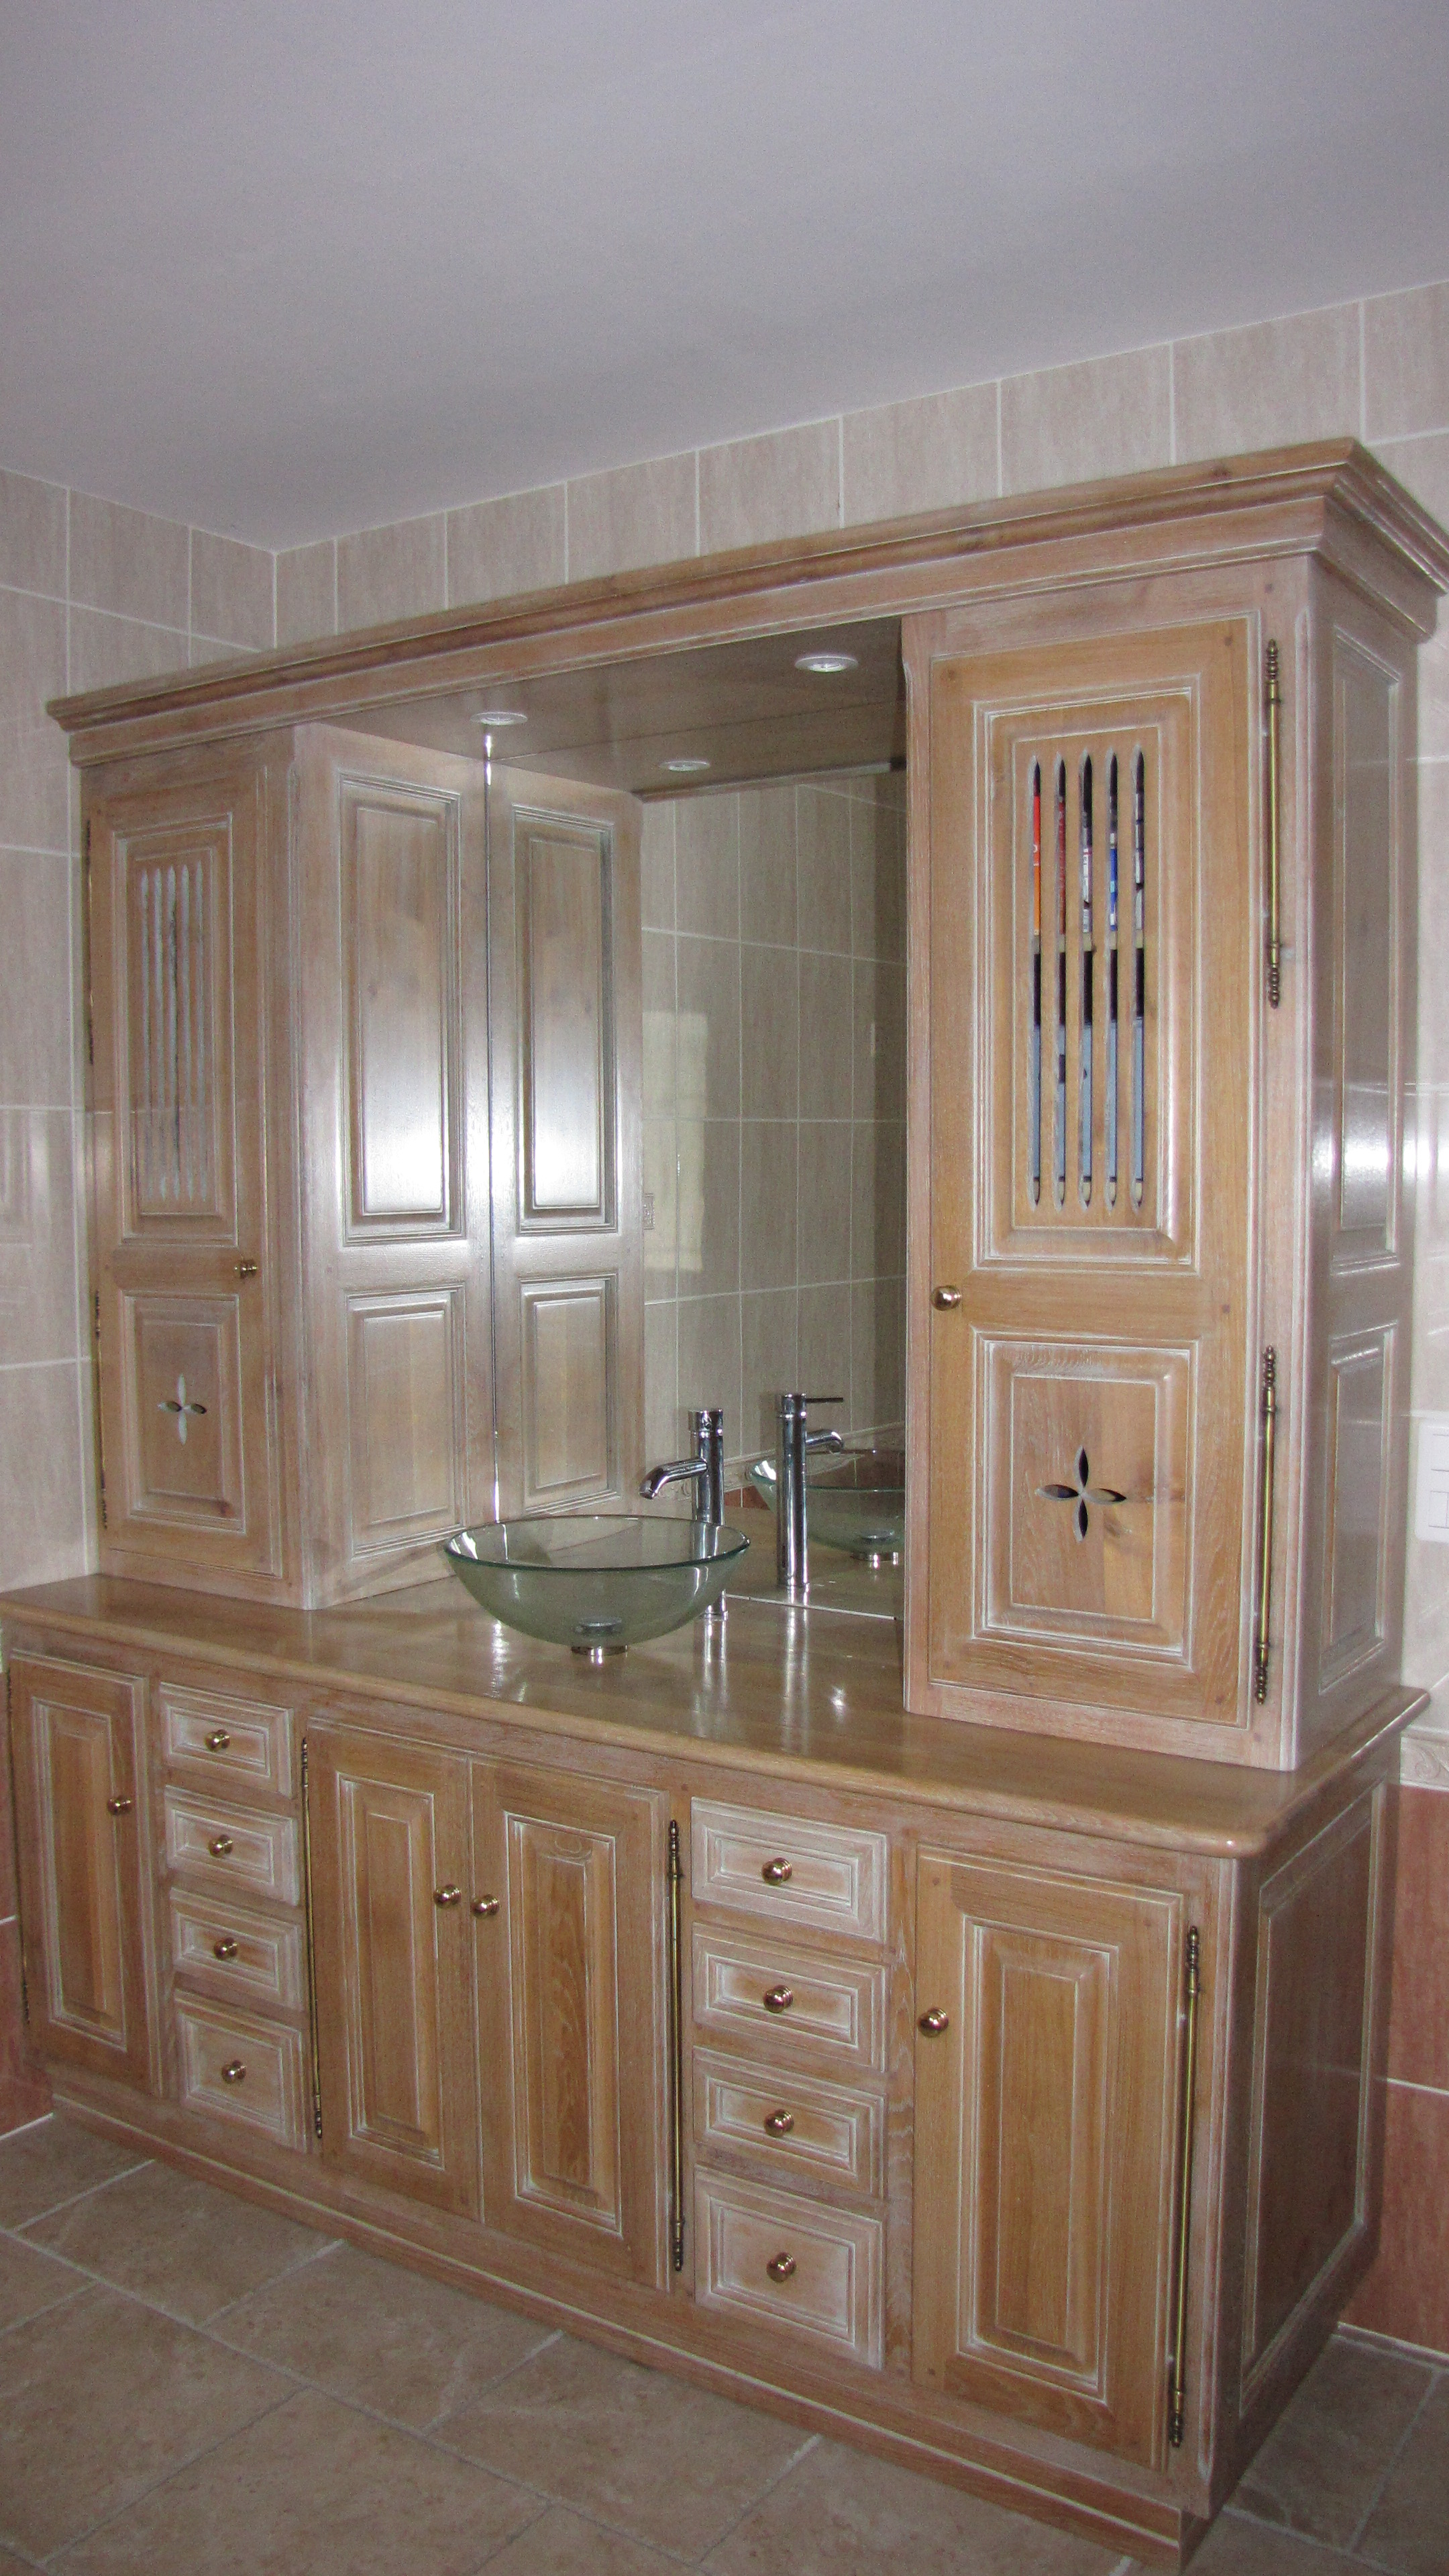 cuisines en bois meubles salles de bains ma tre. Black Bedroom Furniture Sets. Home Design Ideas